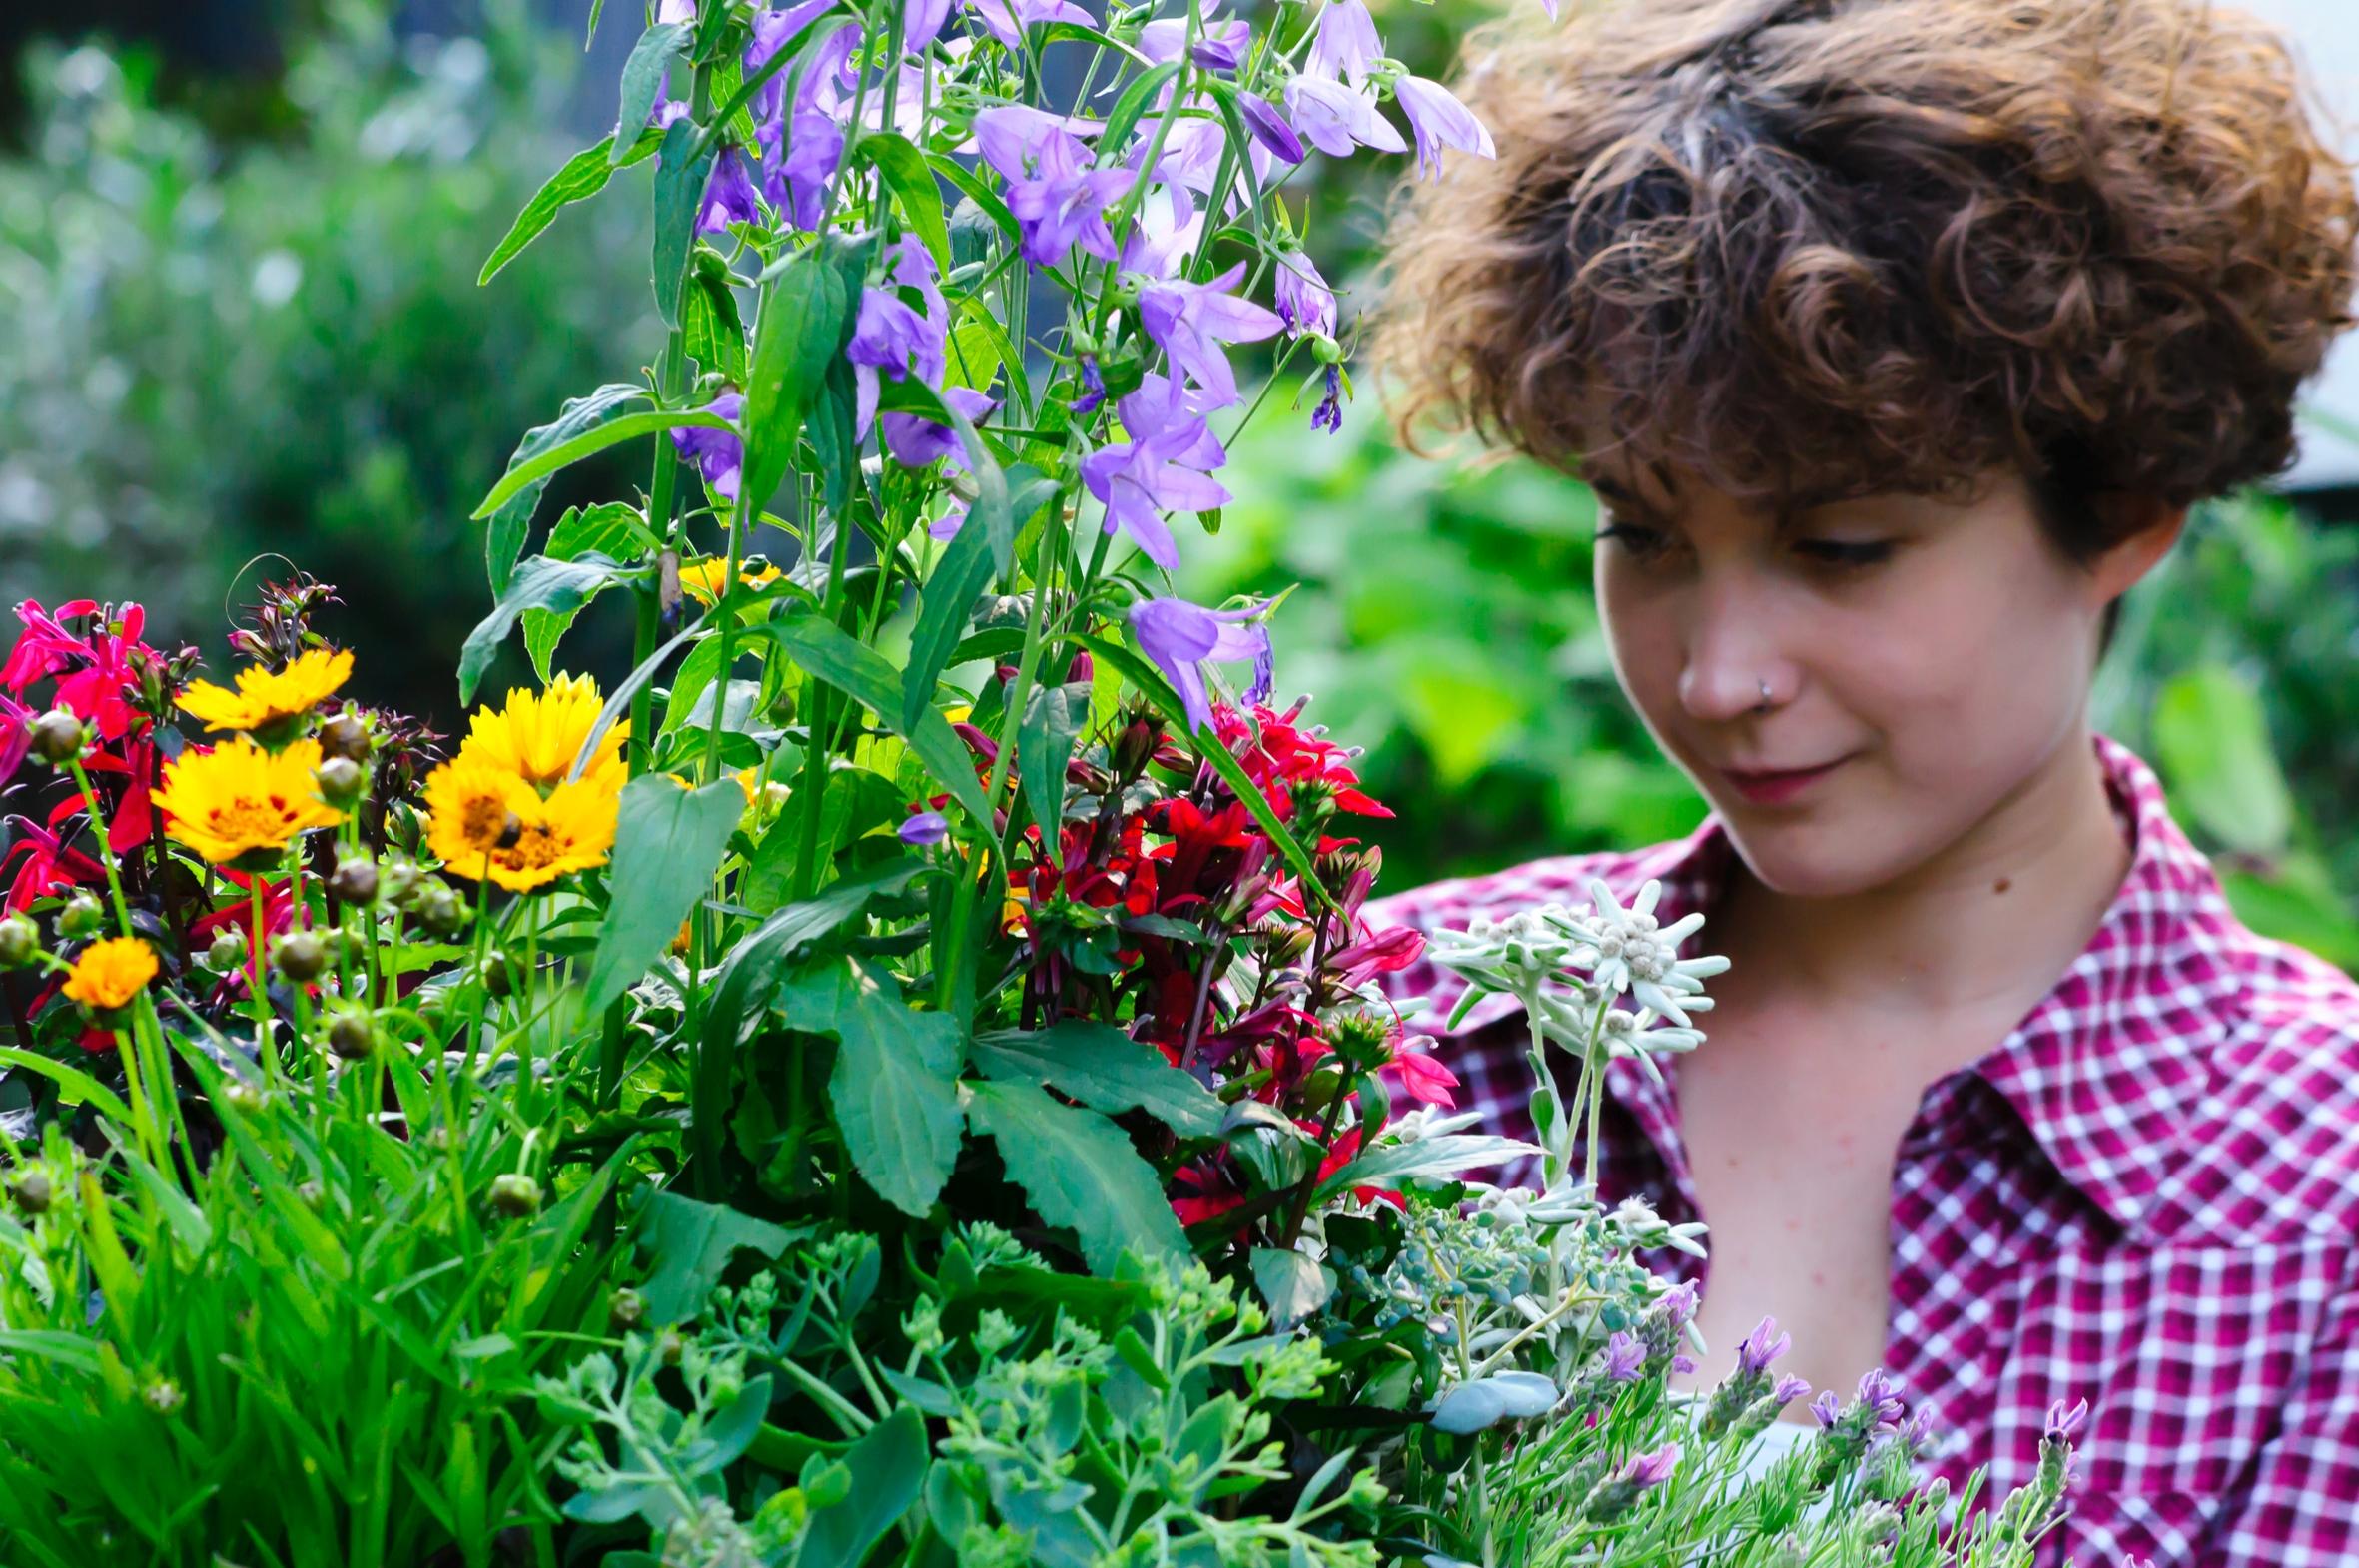 Weiblich, naturverbunden, jung, sucht …  eine Ausbildung zur Gärtnerin!